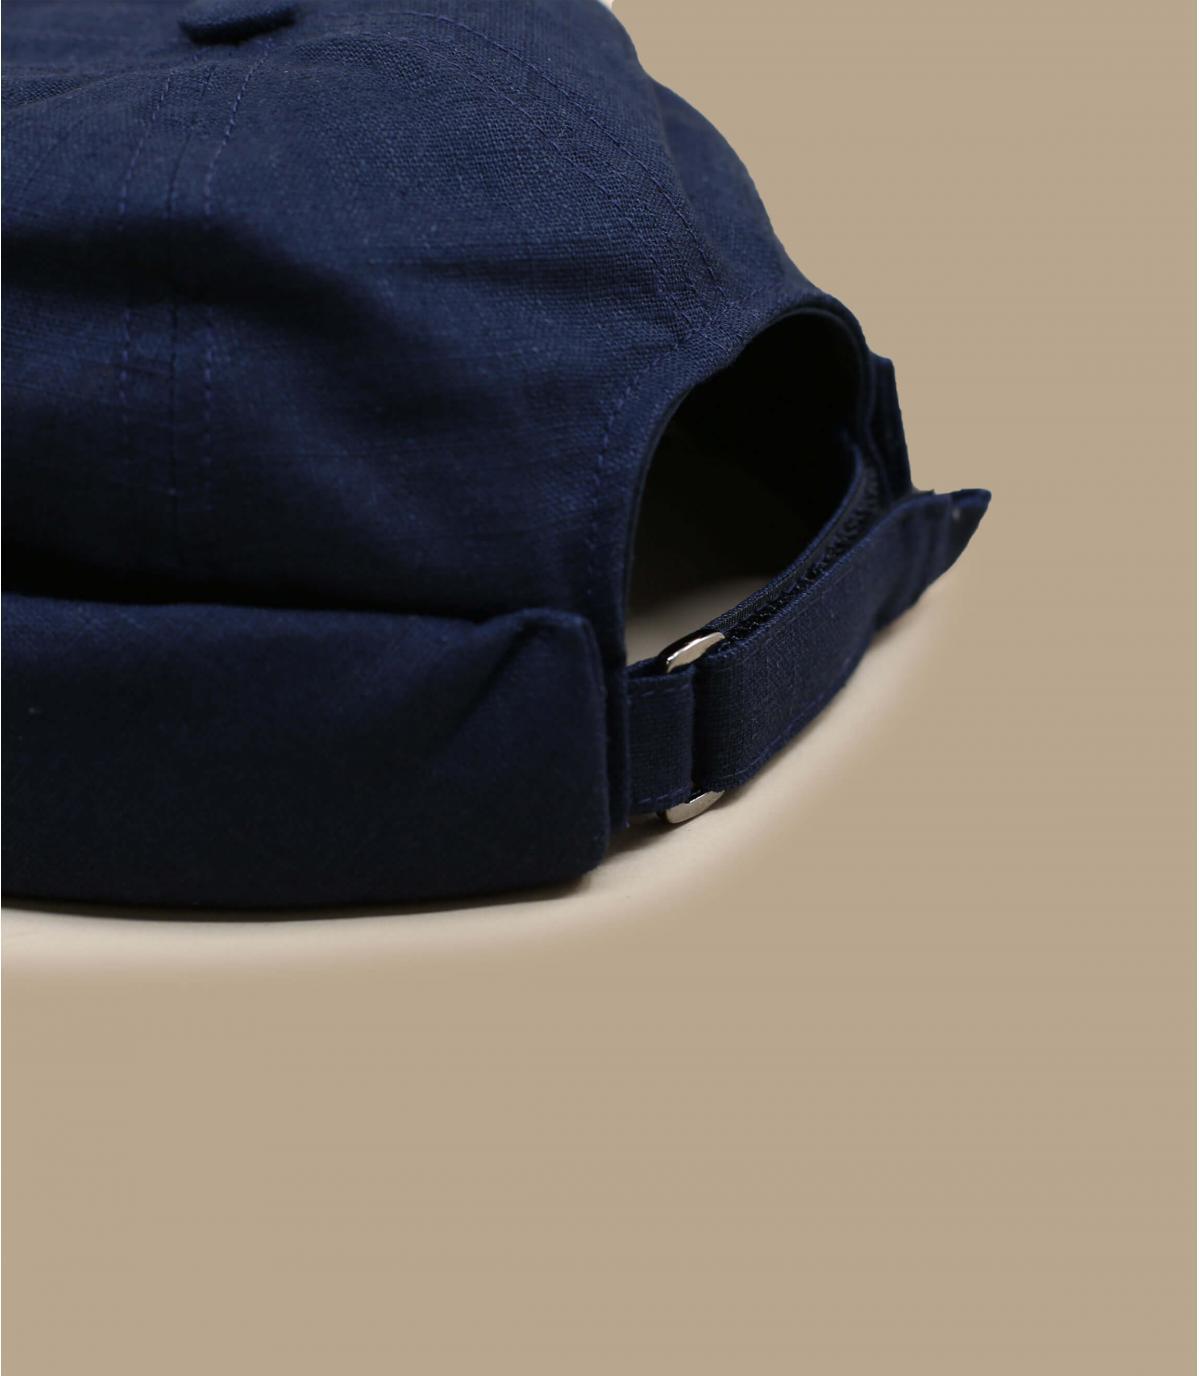 Details Cooper Linen navy - Abbildung 3